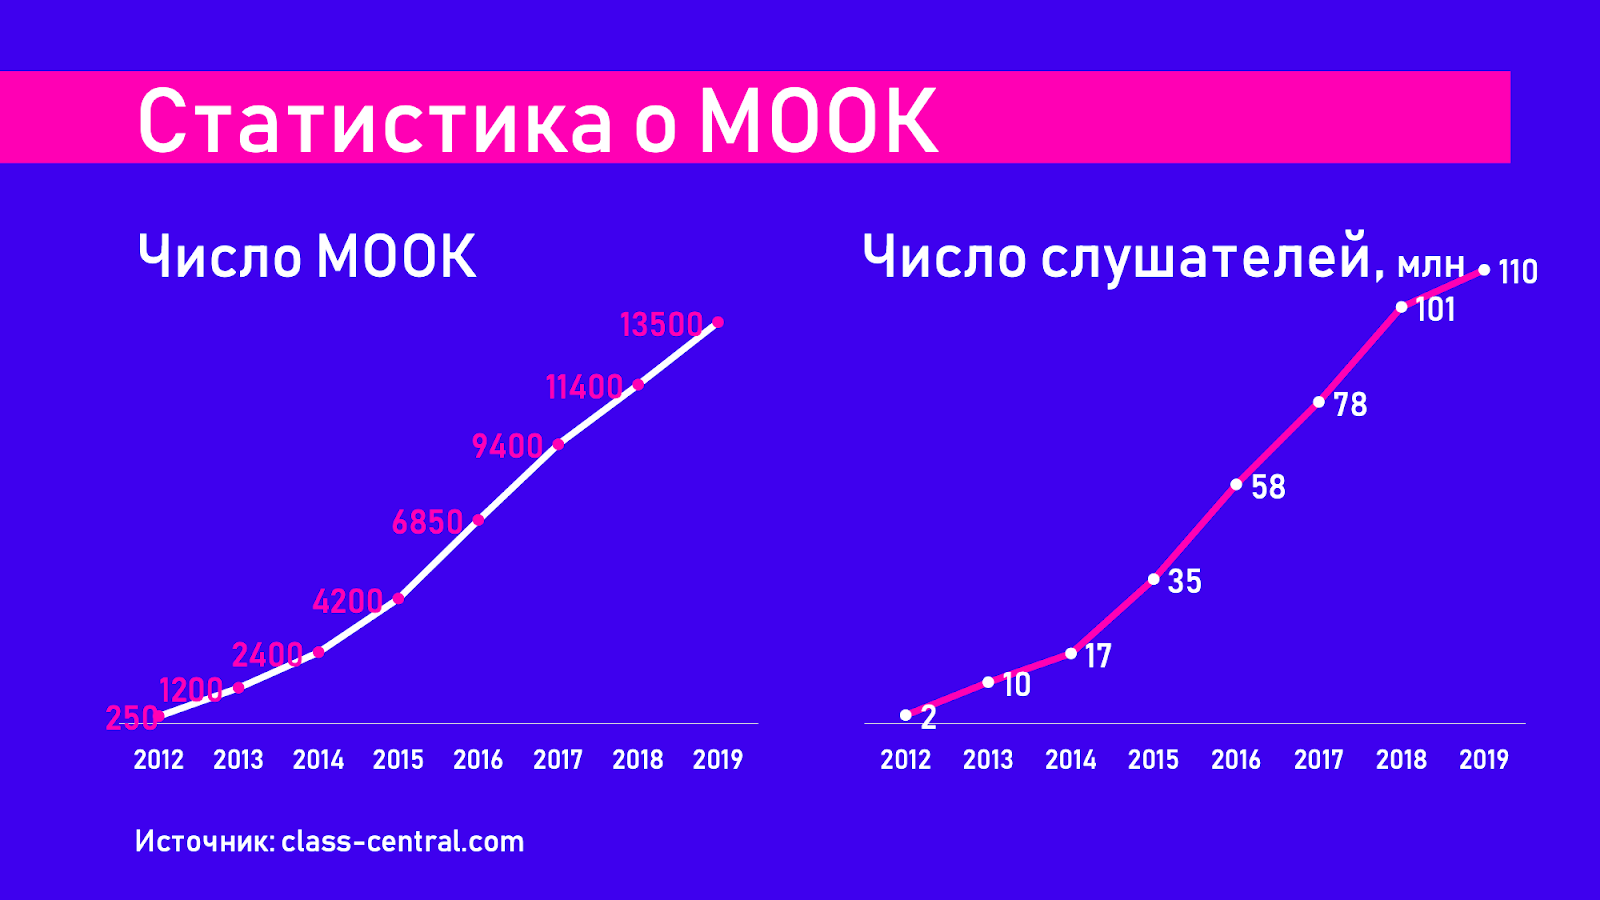 иллюстрация из презентации У. Захаровой, Т. Семеновой, К.Вилковой